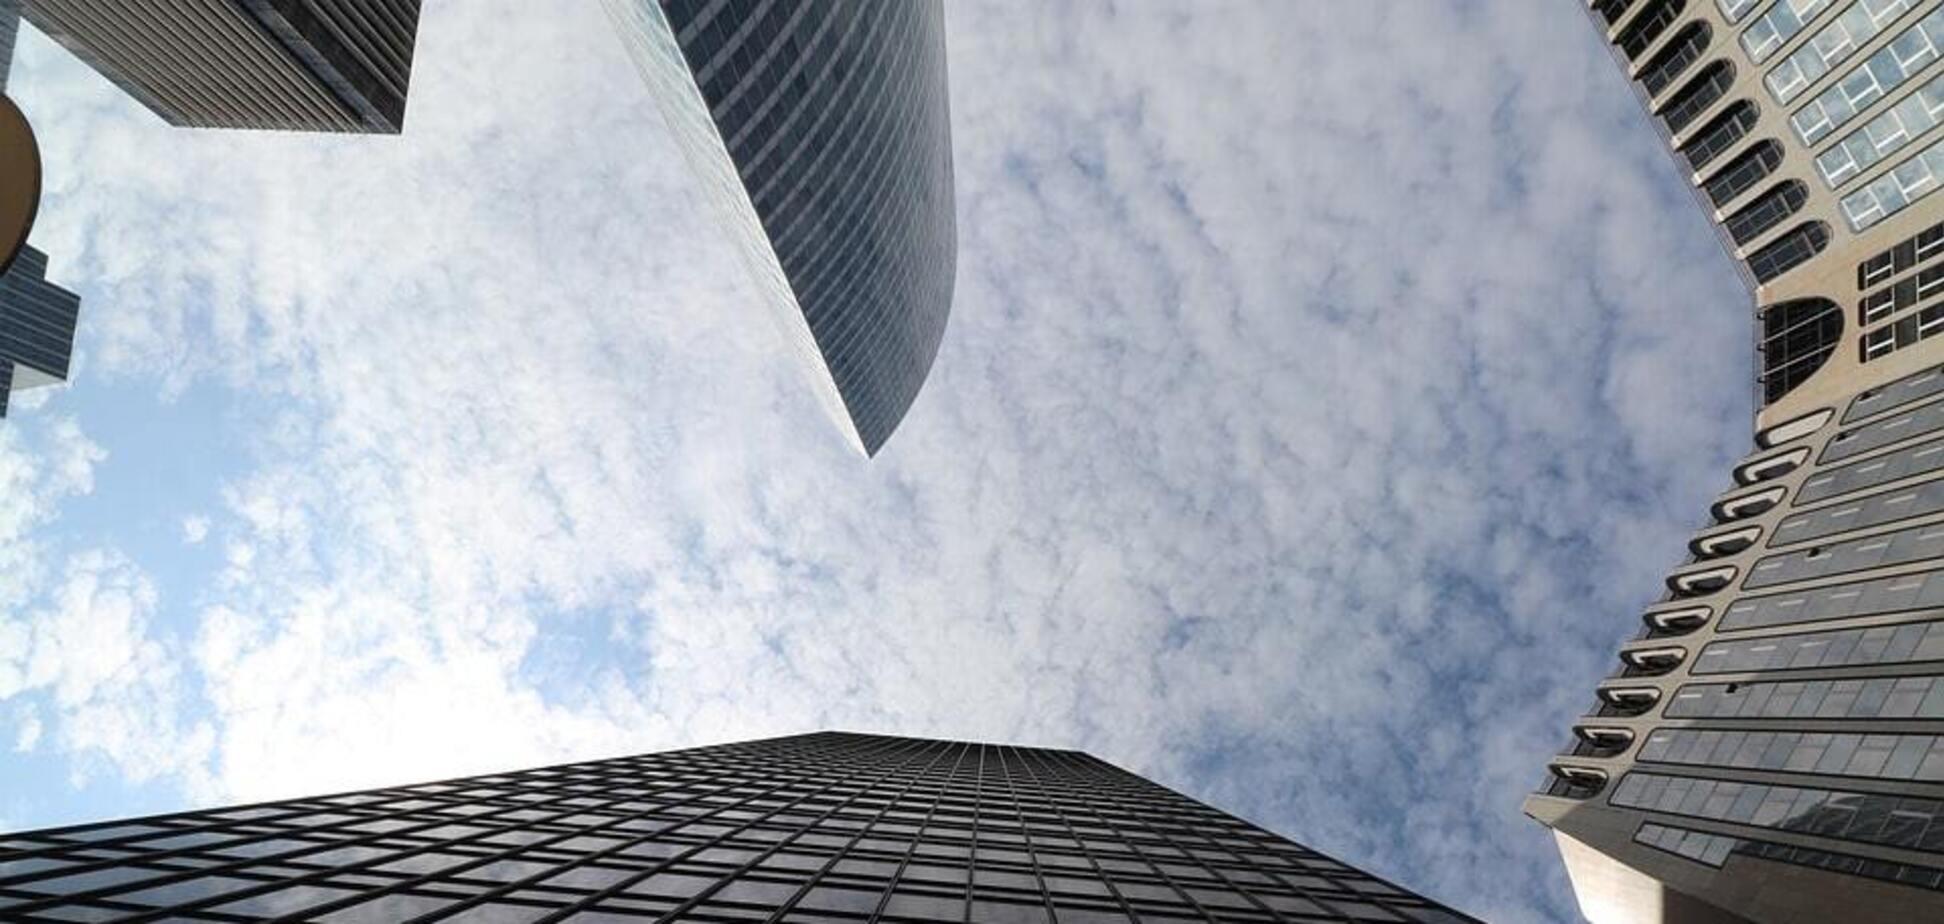 Київ у трійці за темпами зростання офісної нерухомості в Європі – дослідження